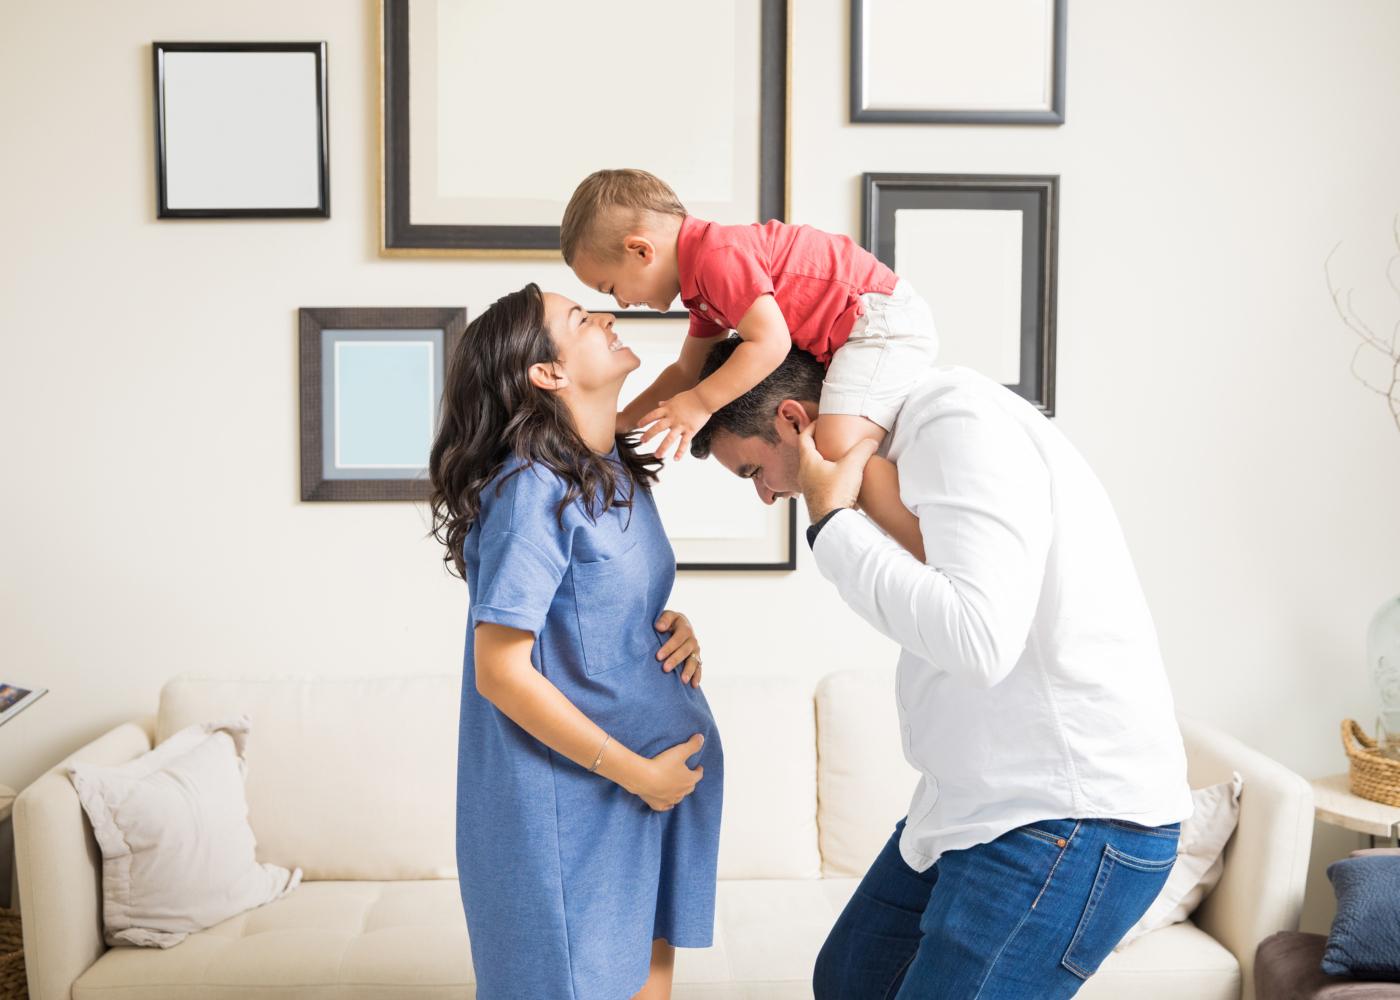 familia espera o segundo filho e brinca